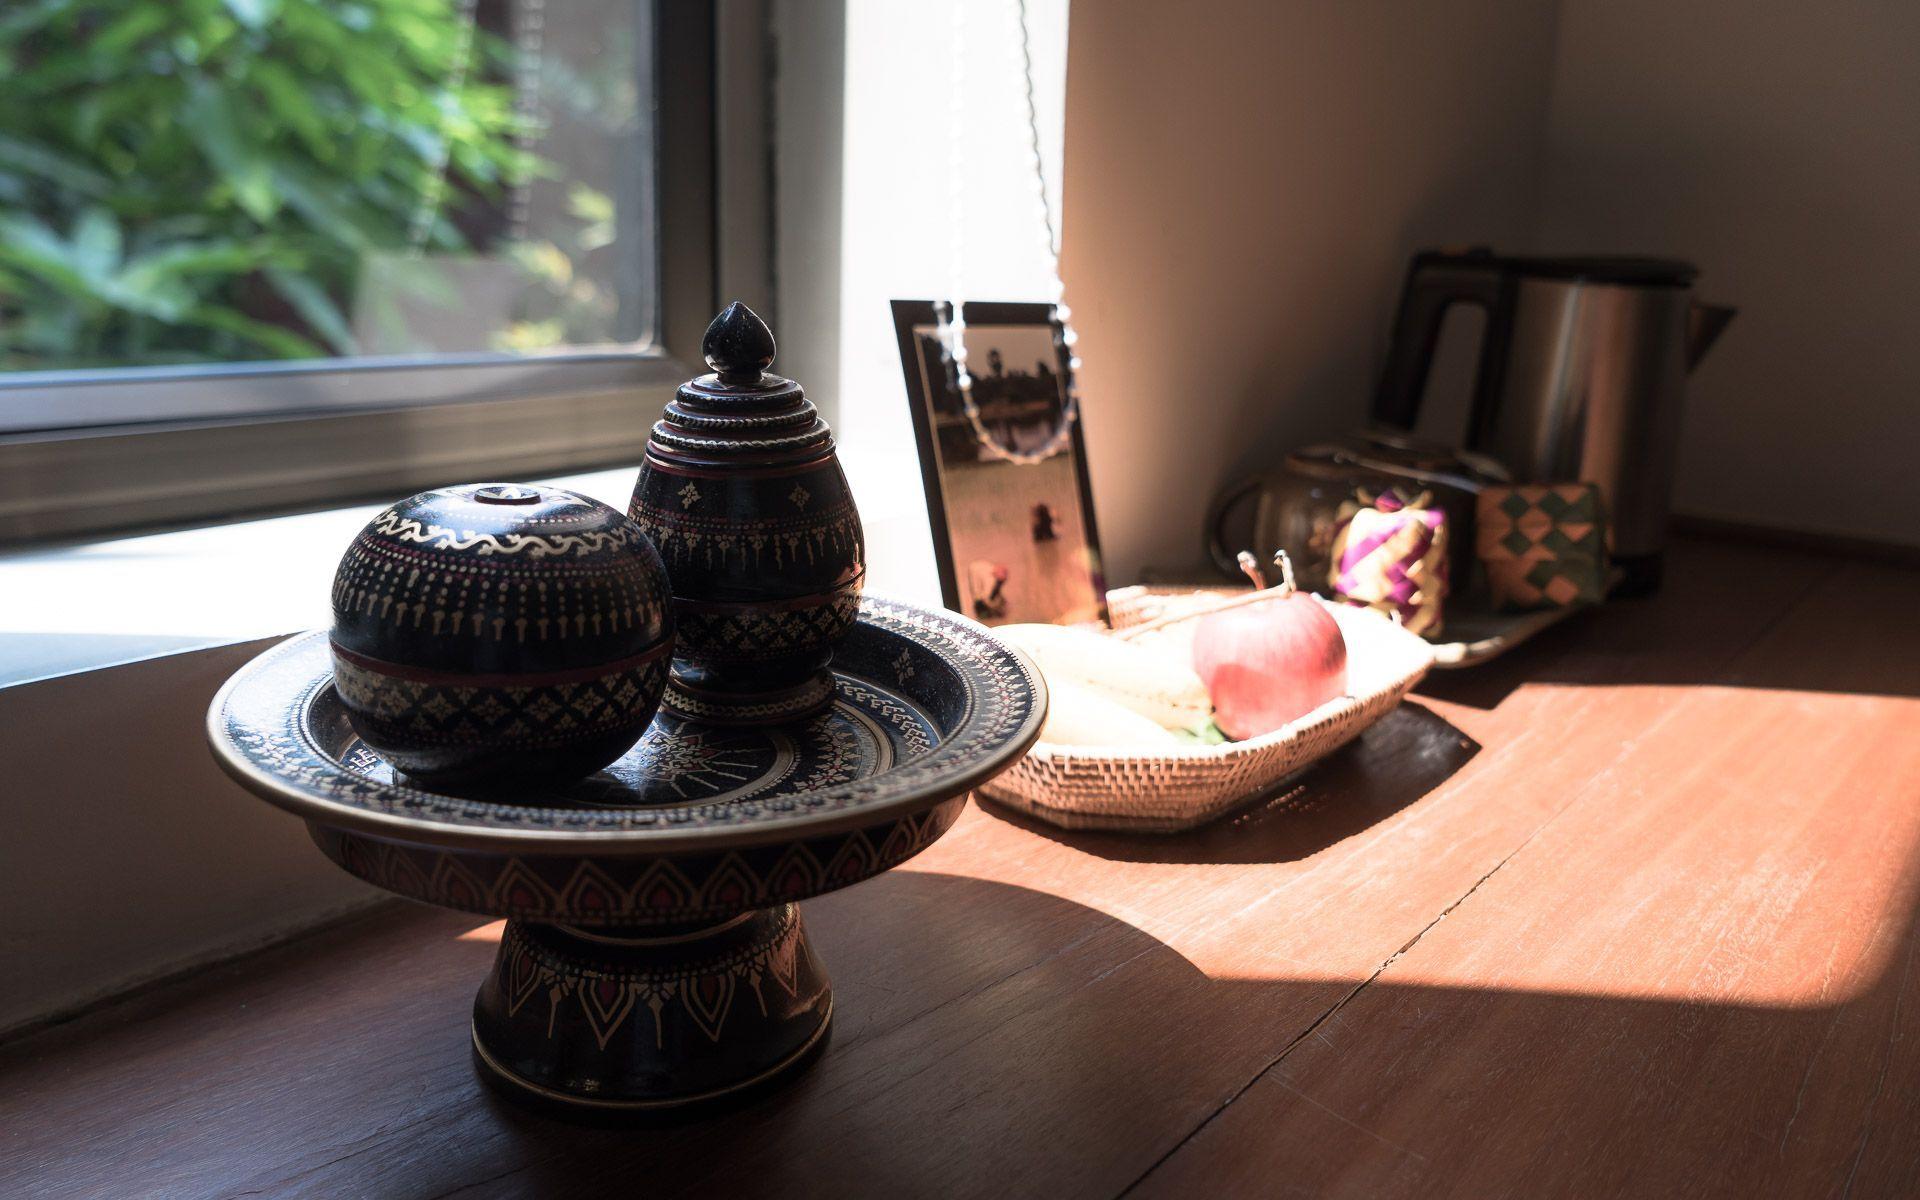 Lesvoyageuses-guide-voyage-siem-reap-angkor-cambodge-won-residence-13